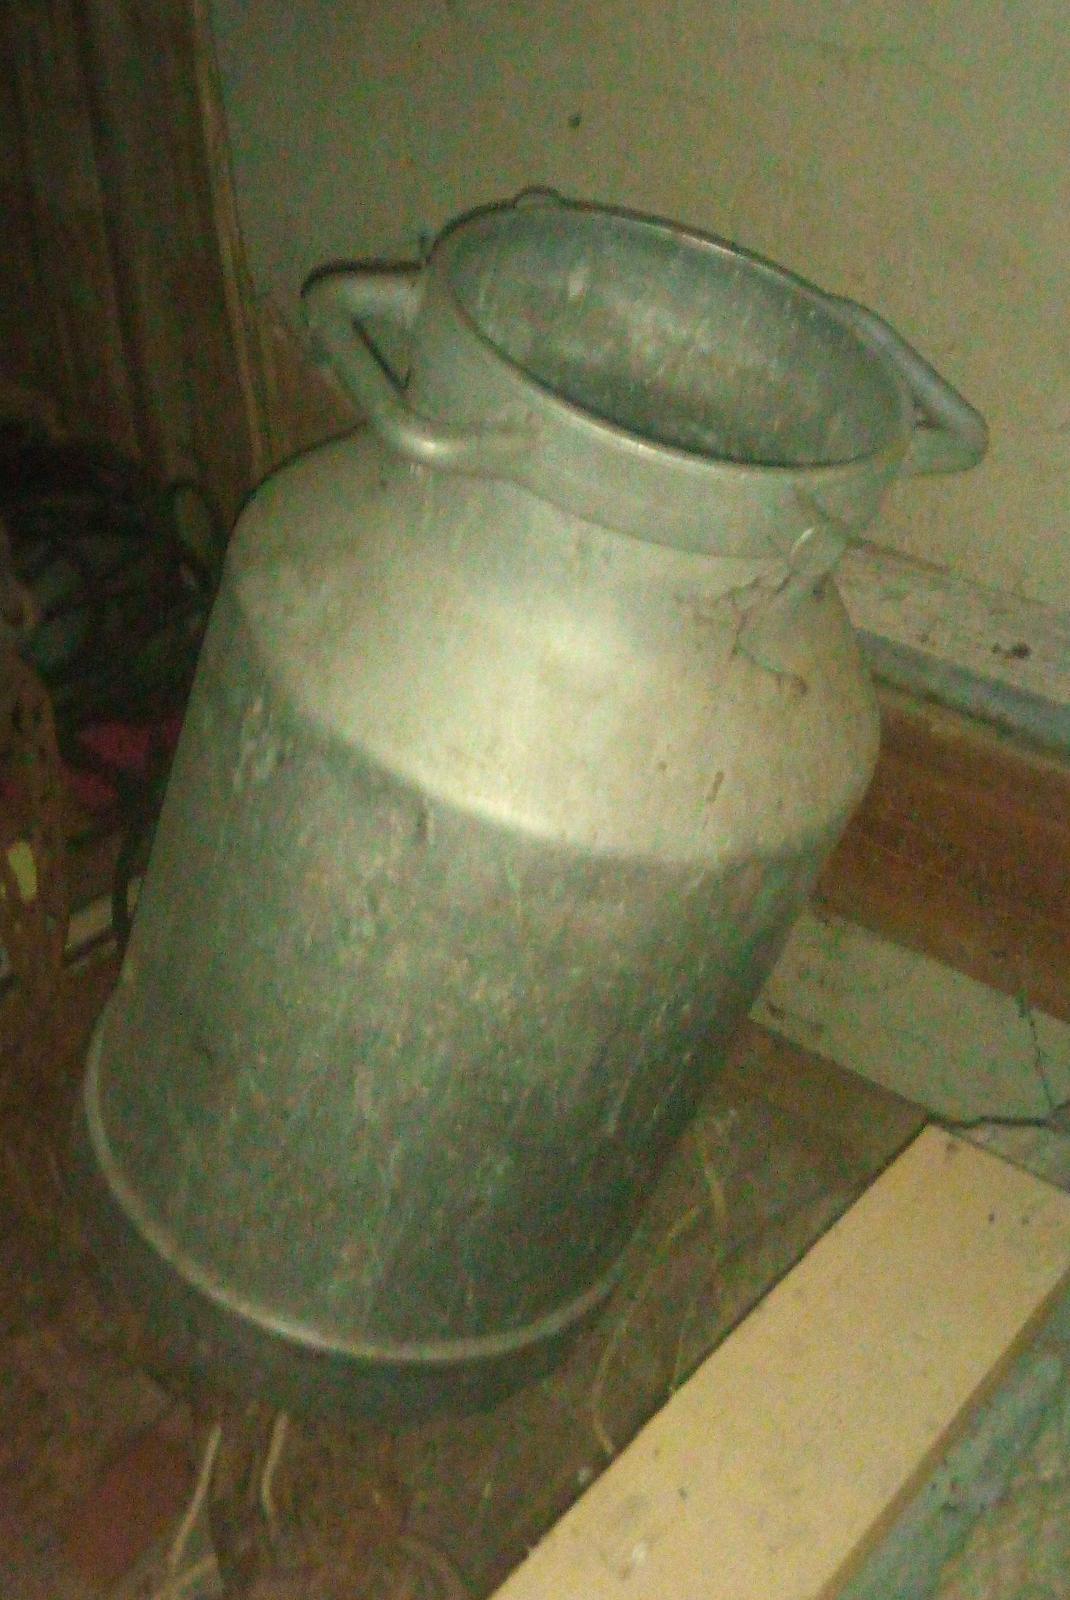 kanvica na mlieko - Obrázok č. 1